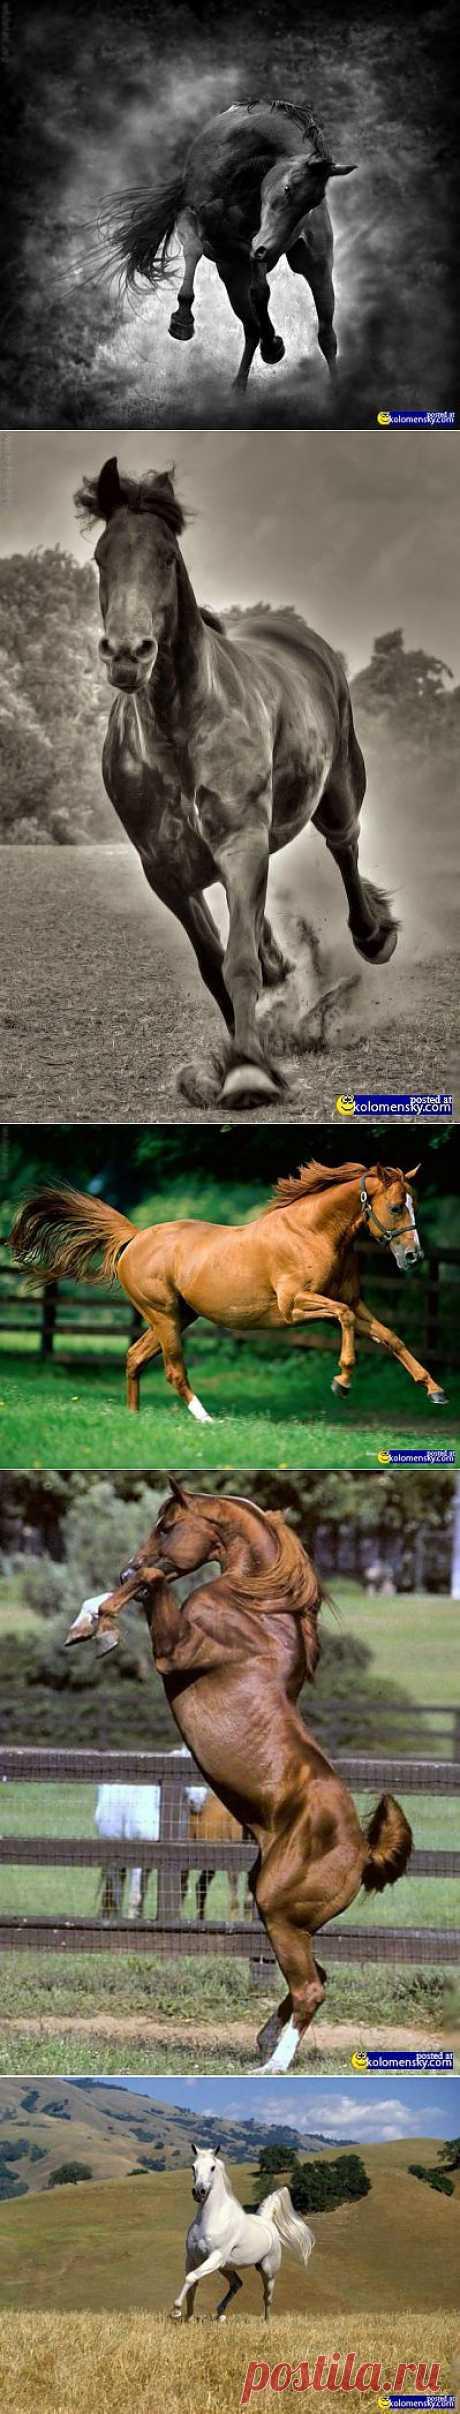 Кони and лошади 100 фото -3 часть » Cайт для друзей: картинки, приколы, фото   kolomensky.com   .